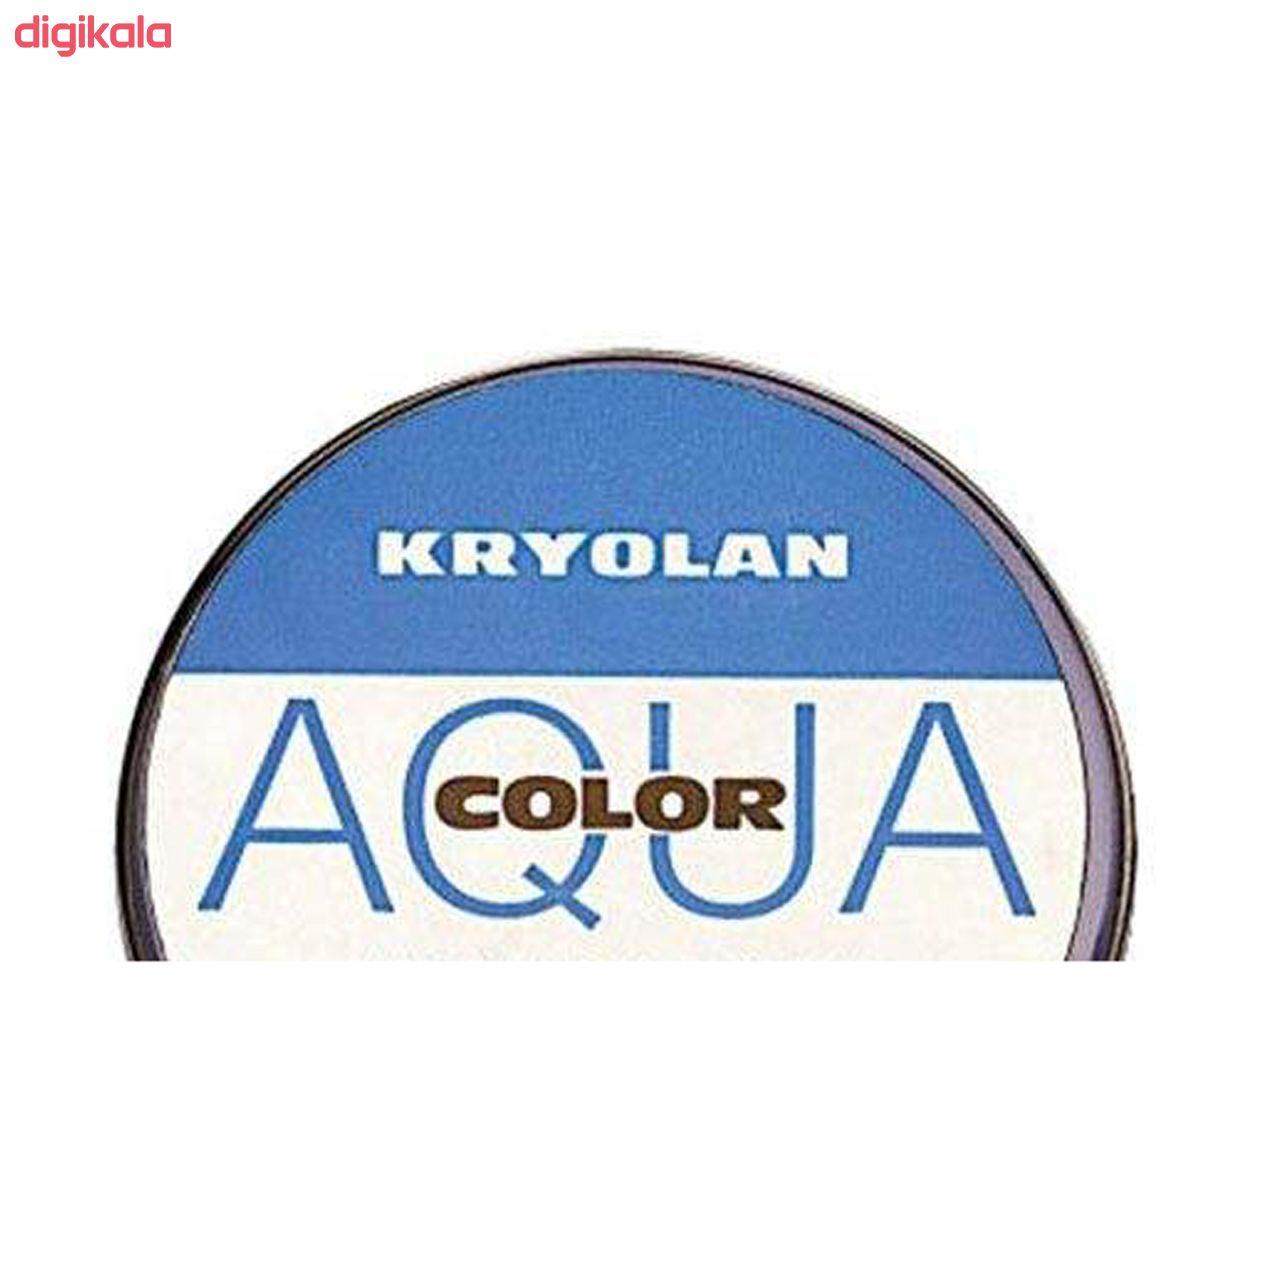 خط چشم کریولان مدل AQUA شماره 072 main 1 2